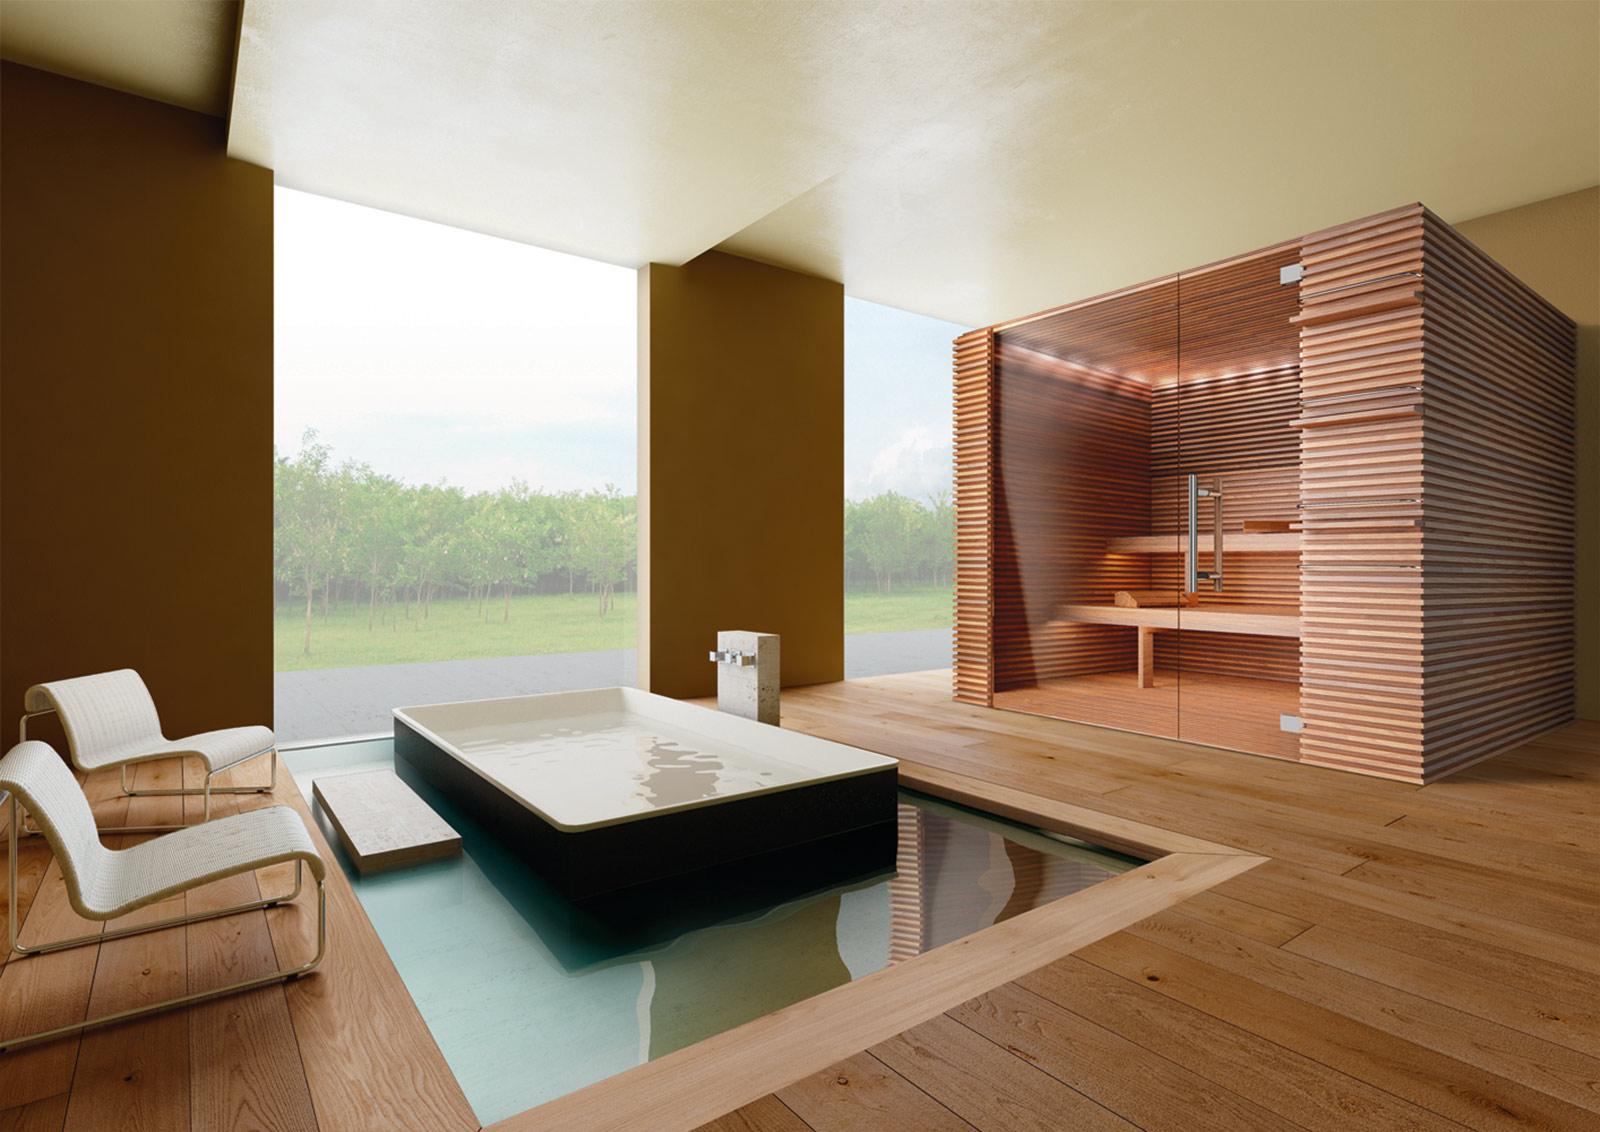 Elite Fashion E Beauty Spa: Saune E Spa Su Misura Per Hotel